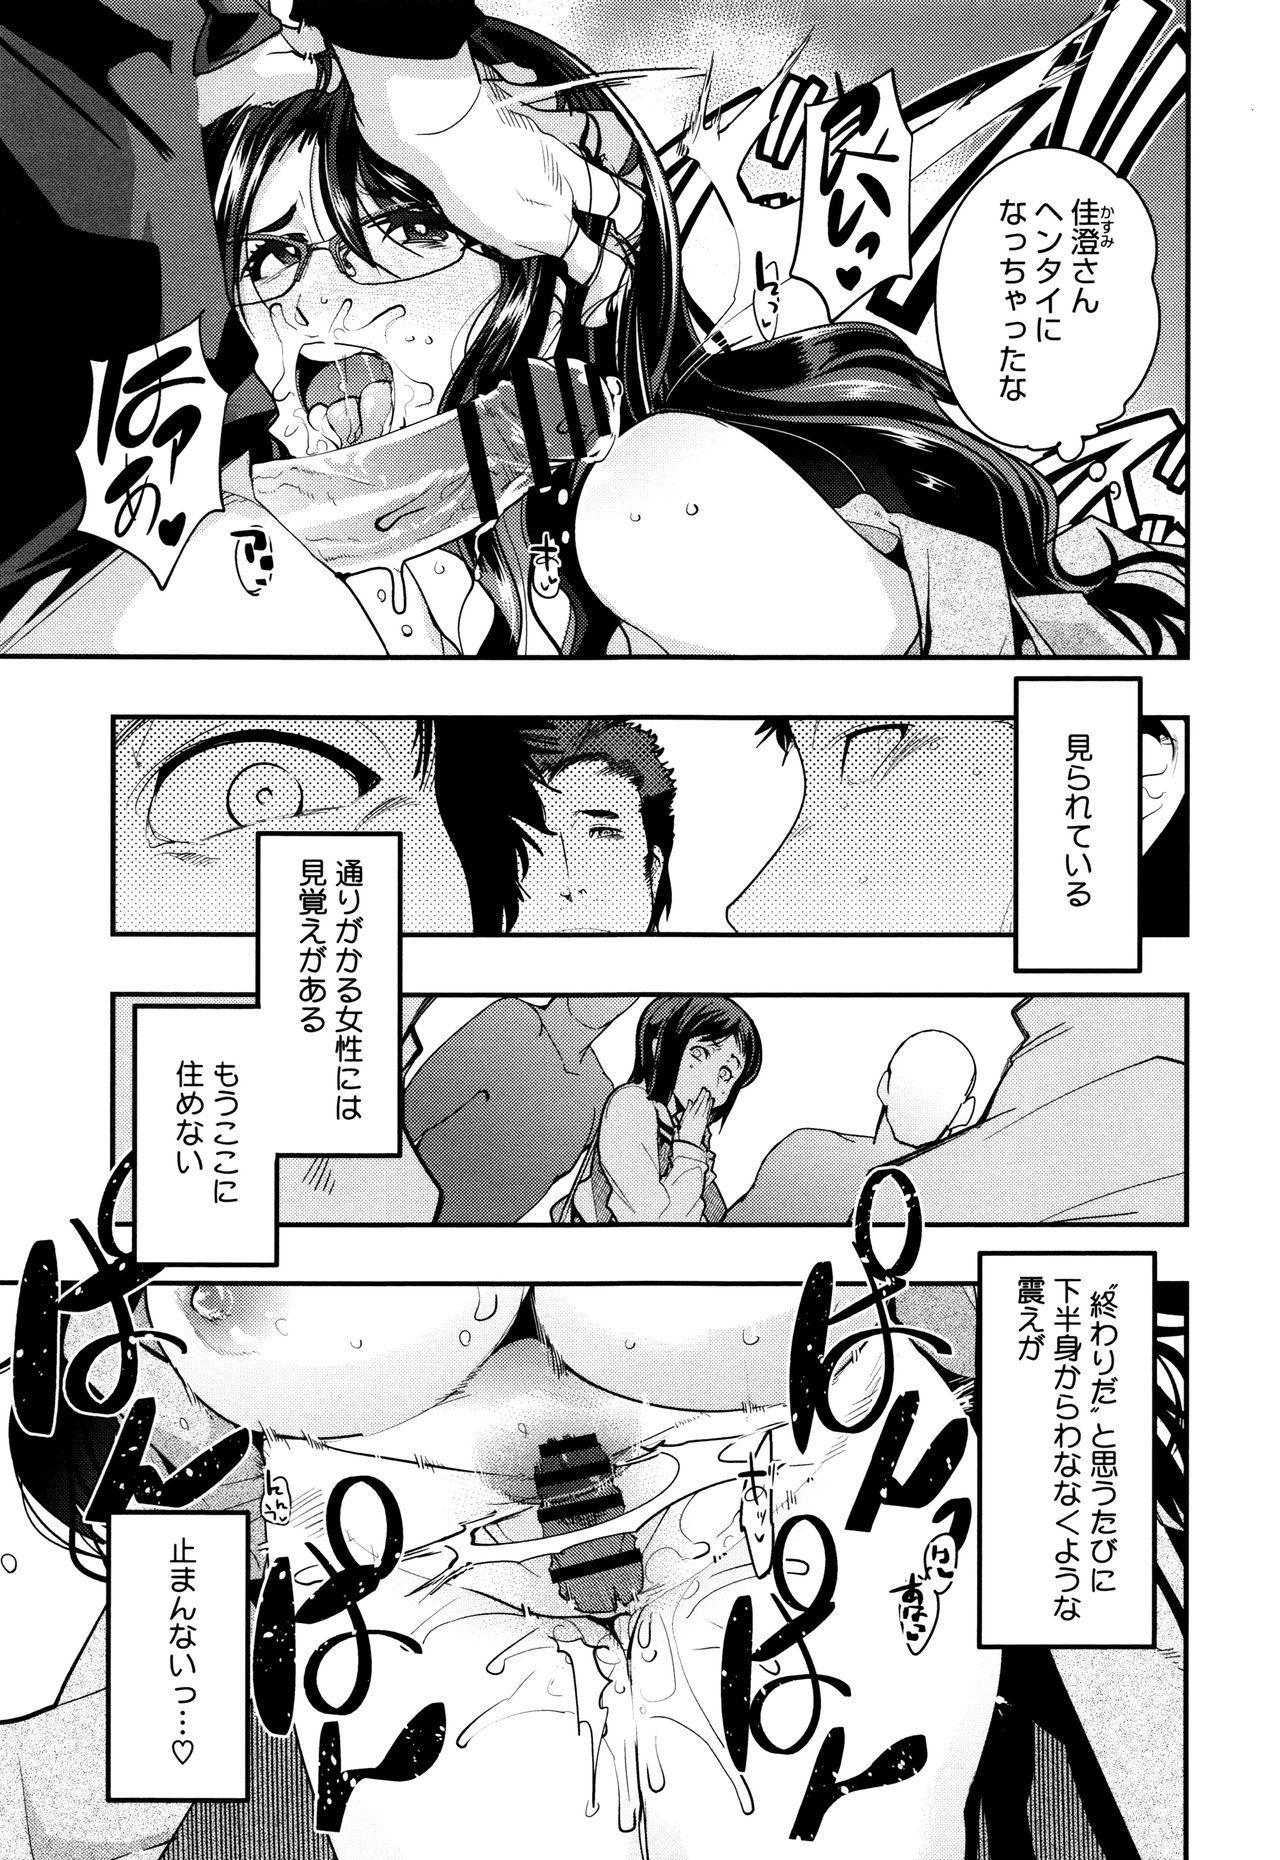 Setsuzoku Sareta Onna 97